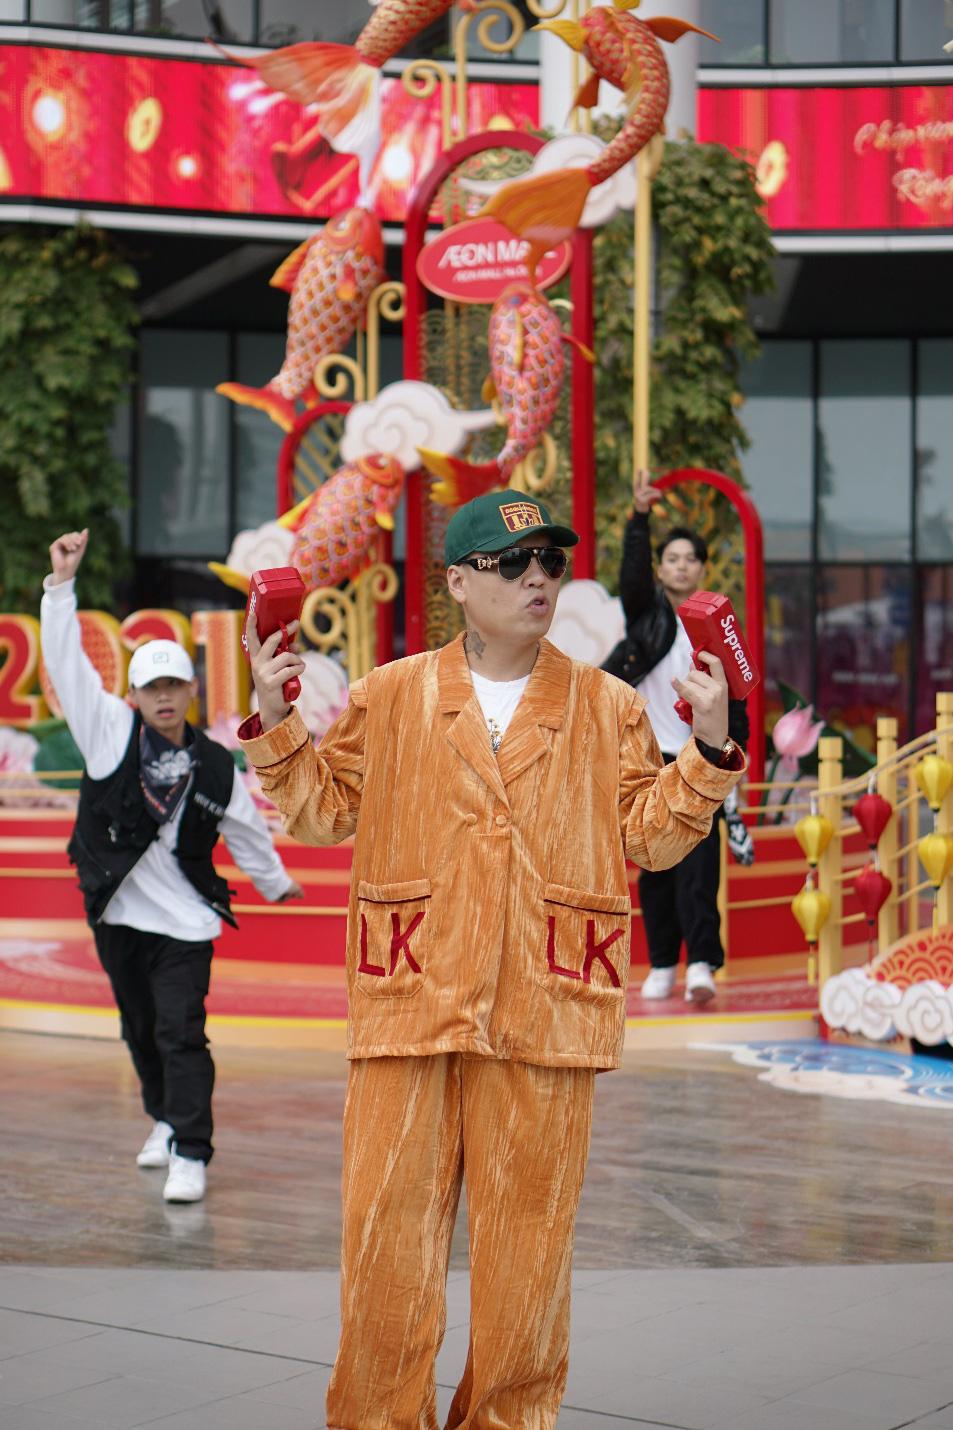 """LK ra phiên bản """"Hà Đông xịn"""", rủ các dân chơi Thủ đô về Hà Đông chơi Tết bao """"ngầu"""", bao yên tâm mùa dịch - Ảnh 4."""